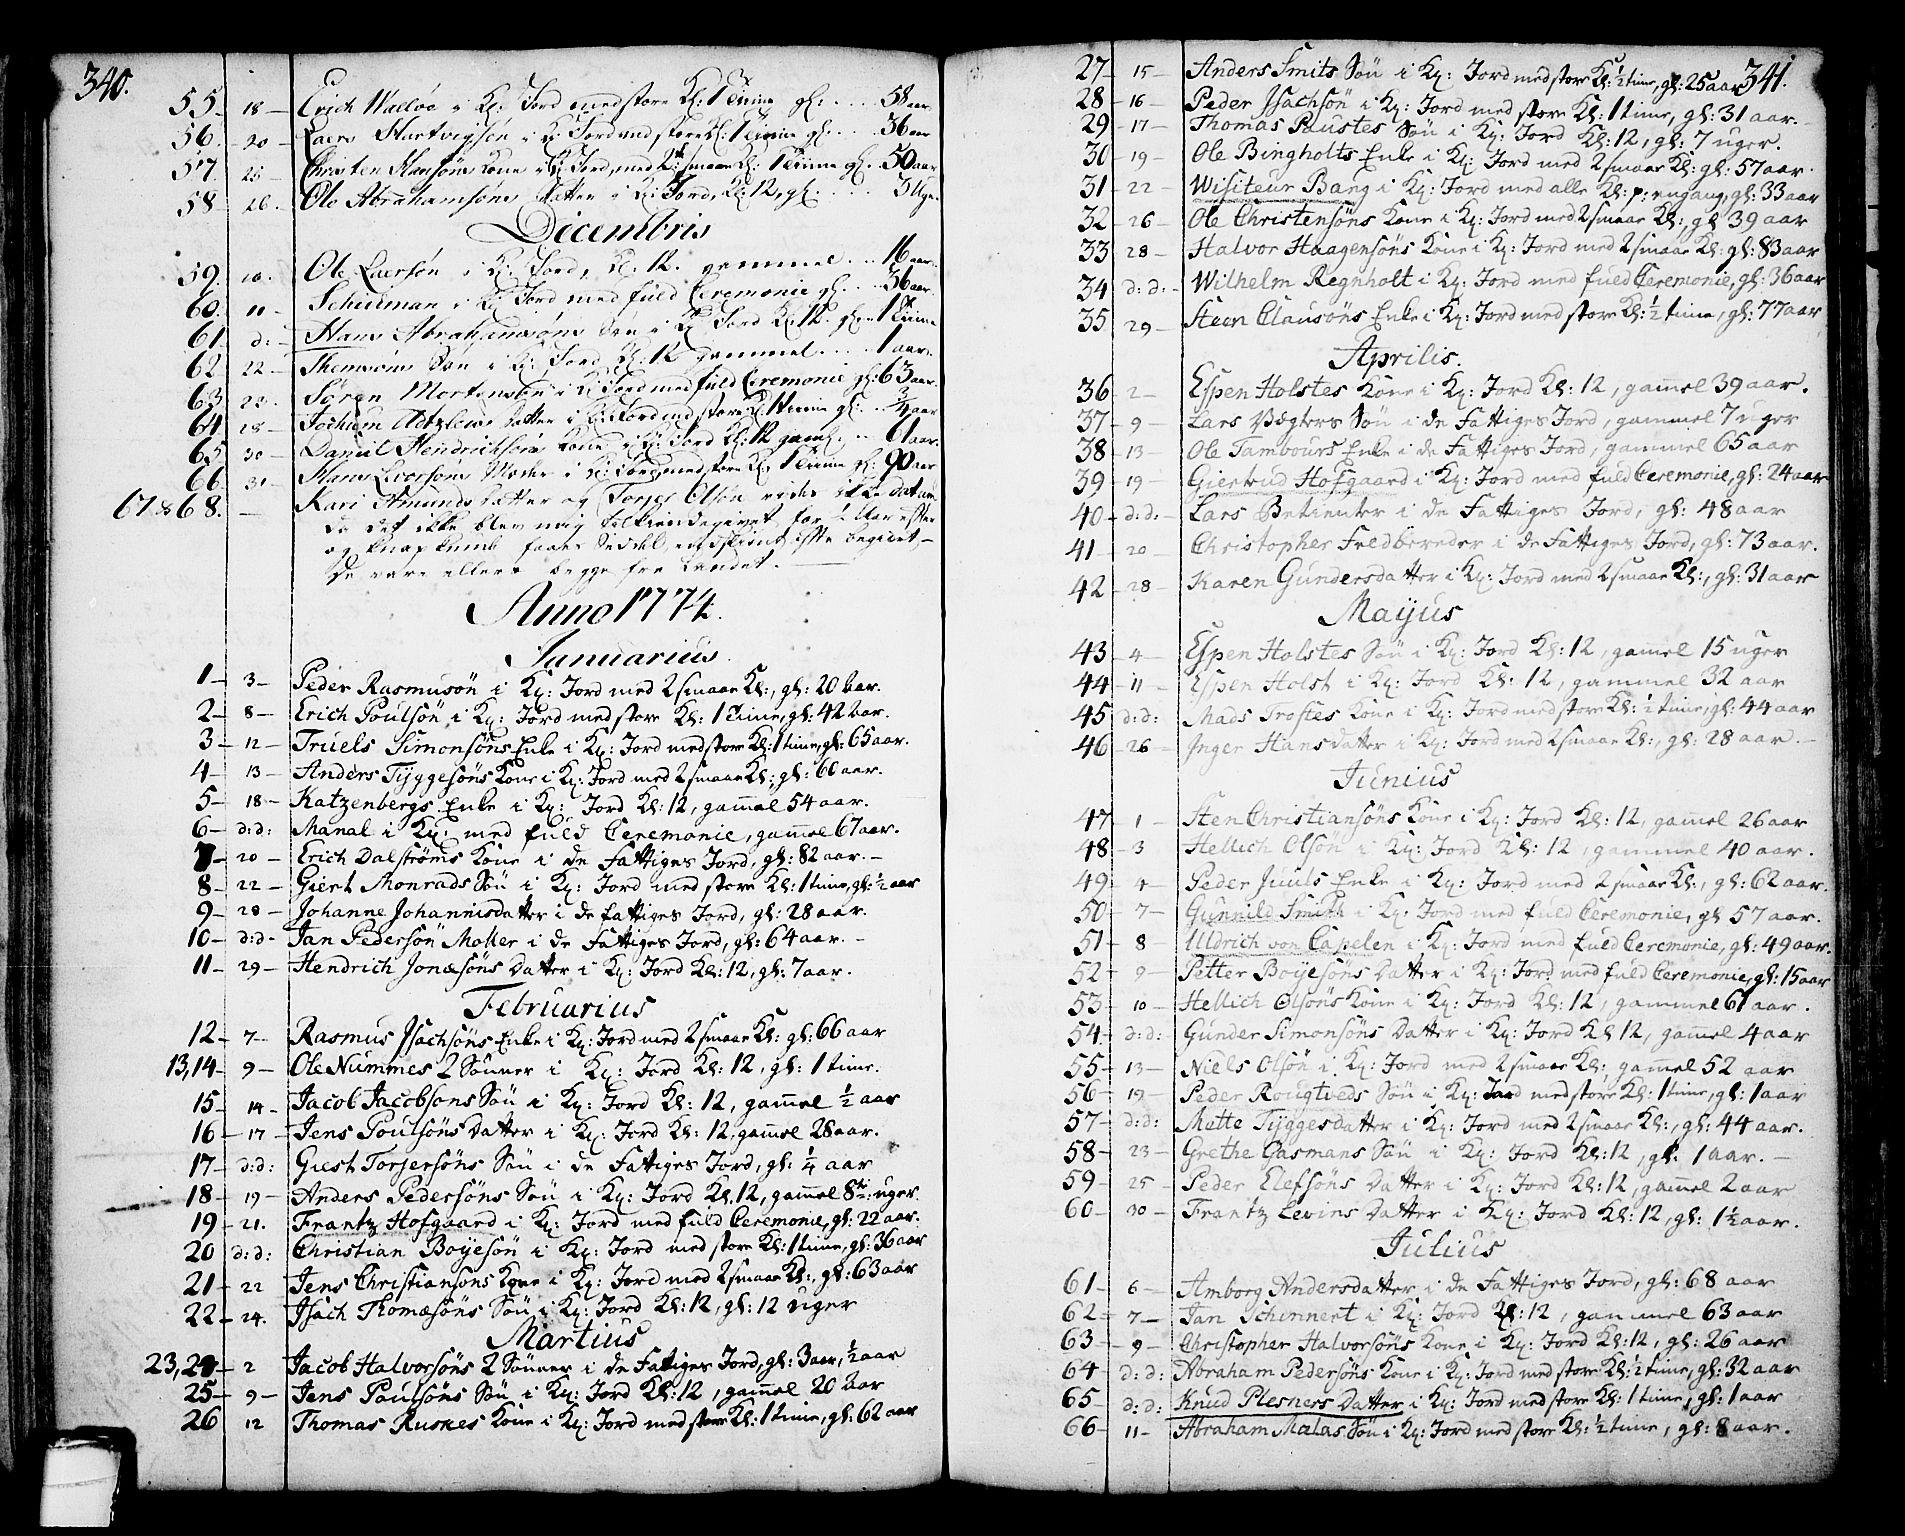 SAKO, Skien kirkebøker, F/Fa/L0003: Ministerialbok nr. 3, 1755-1791, s. 340-341